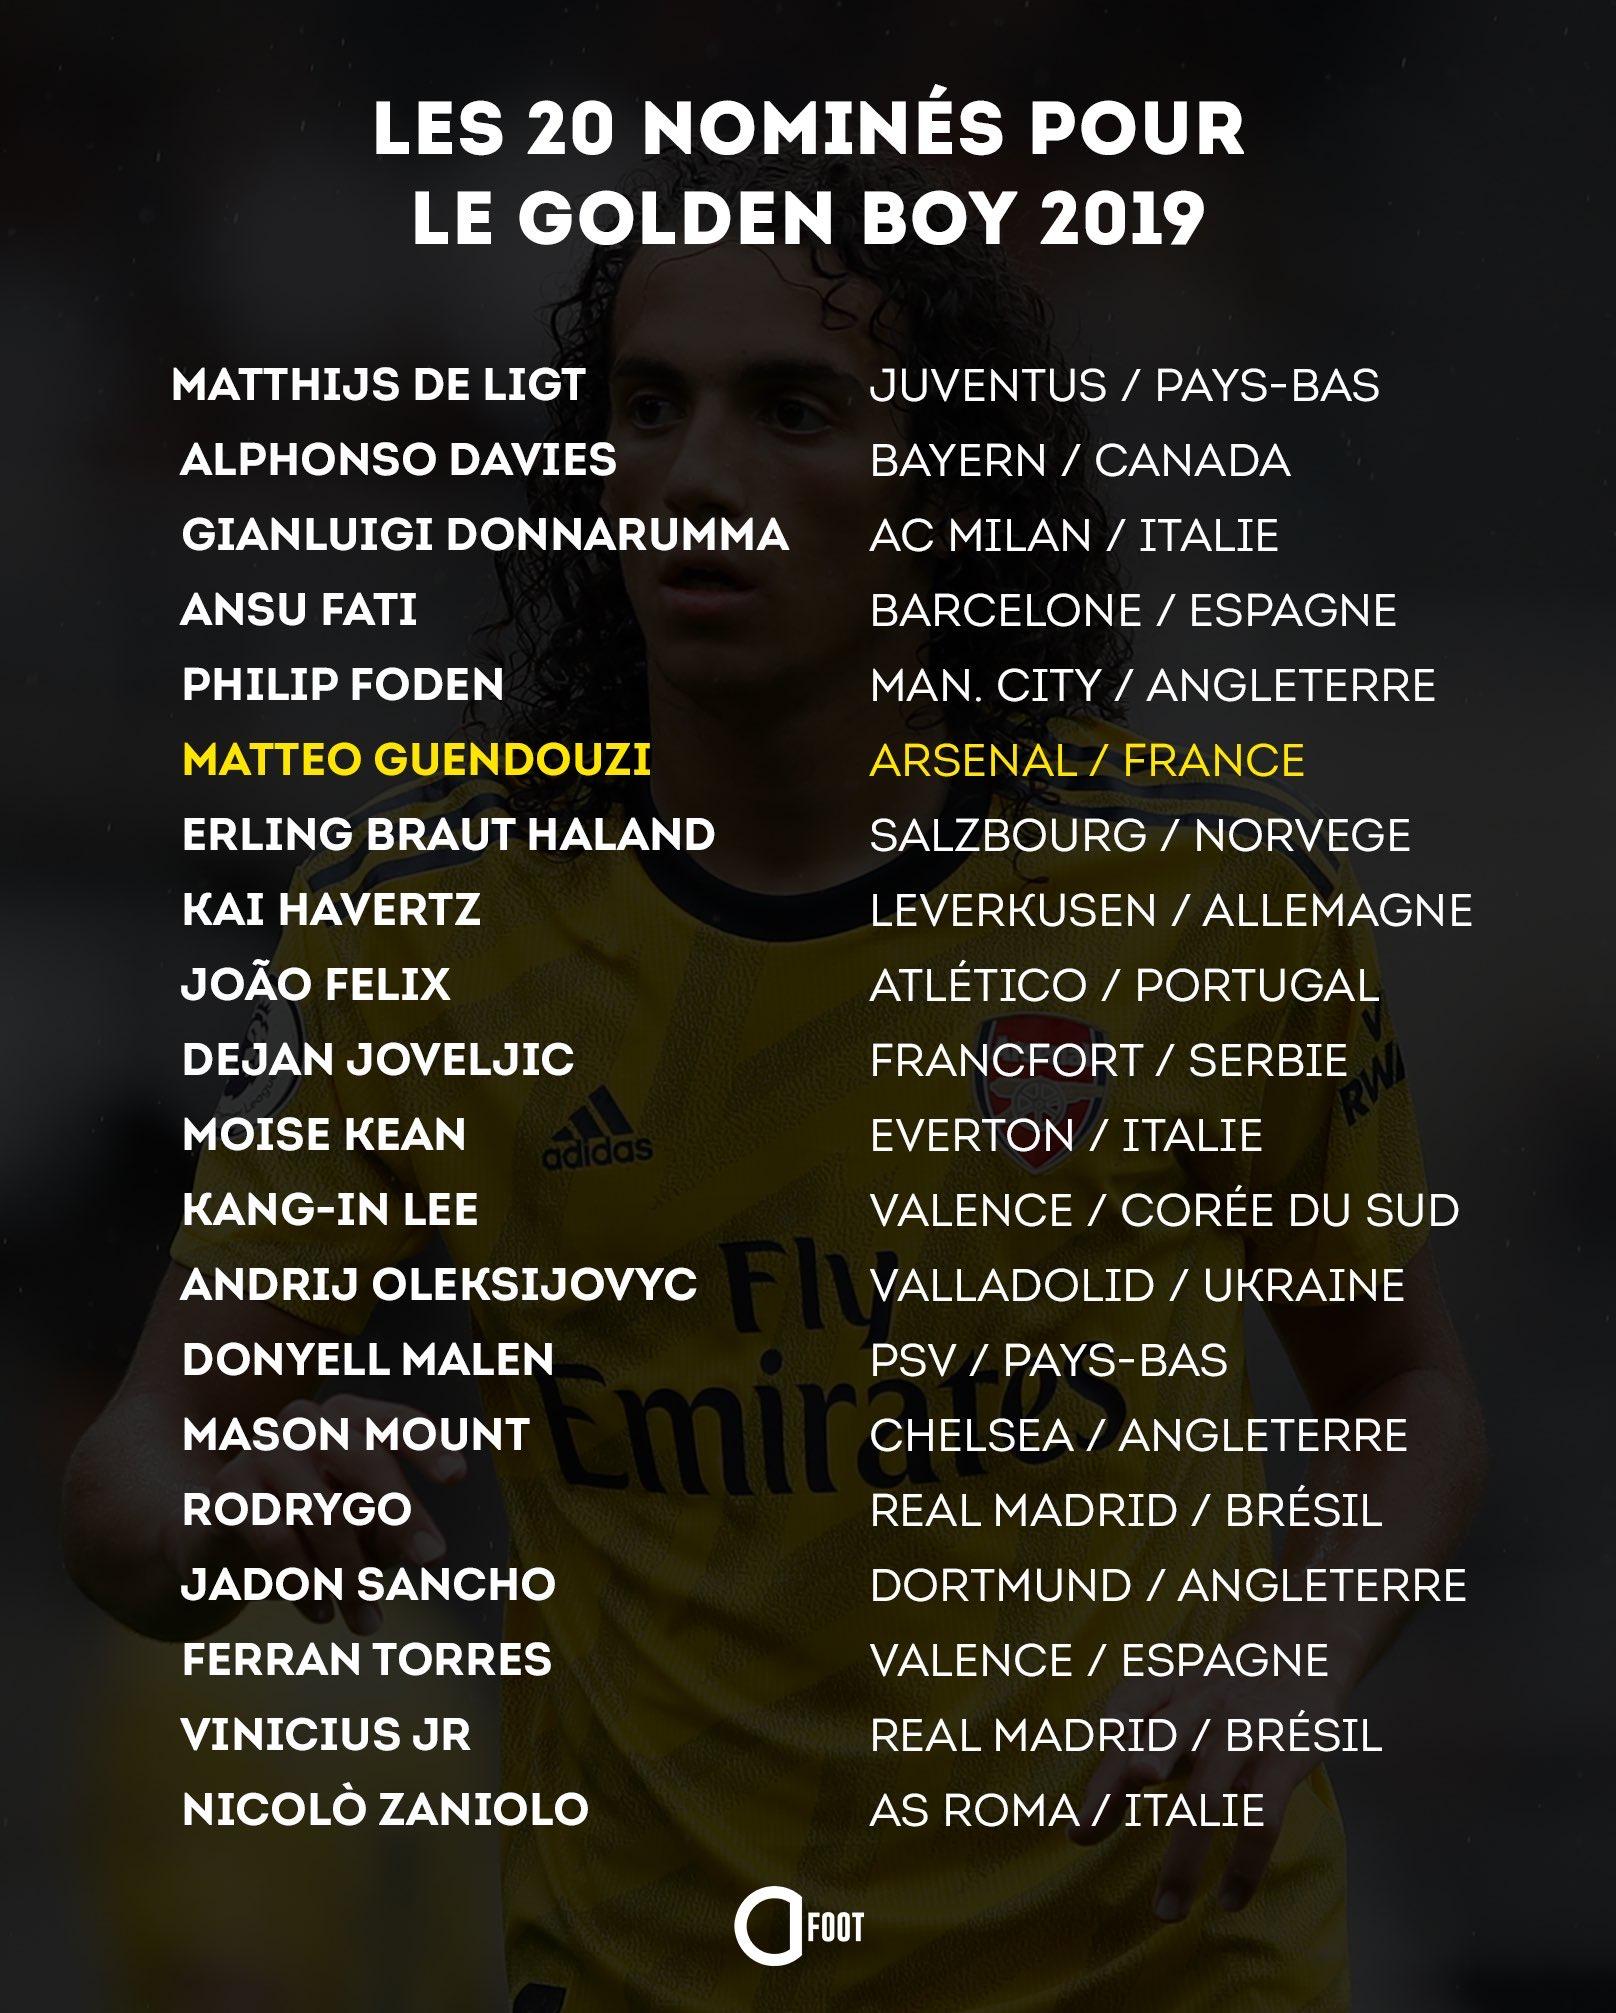 Golden Boy 2019: la liste des  20 joueurs nominés